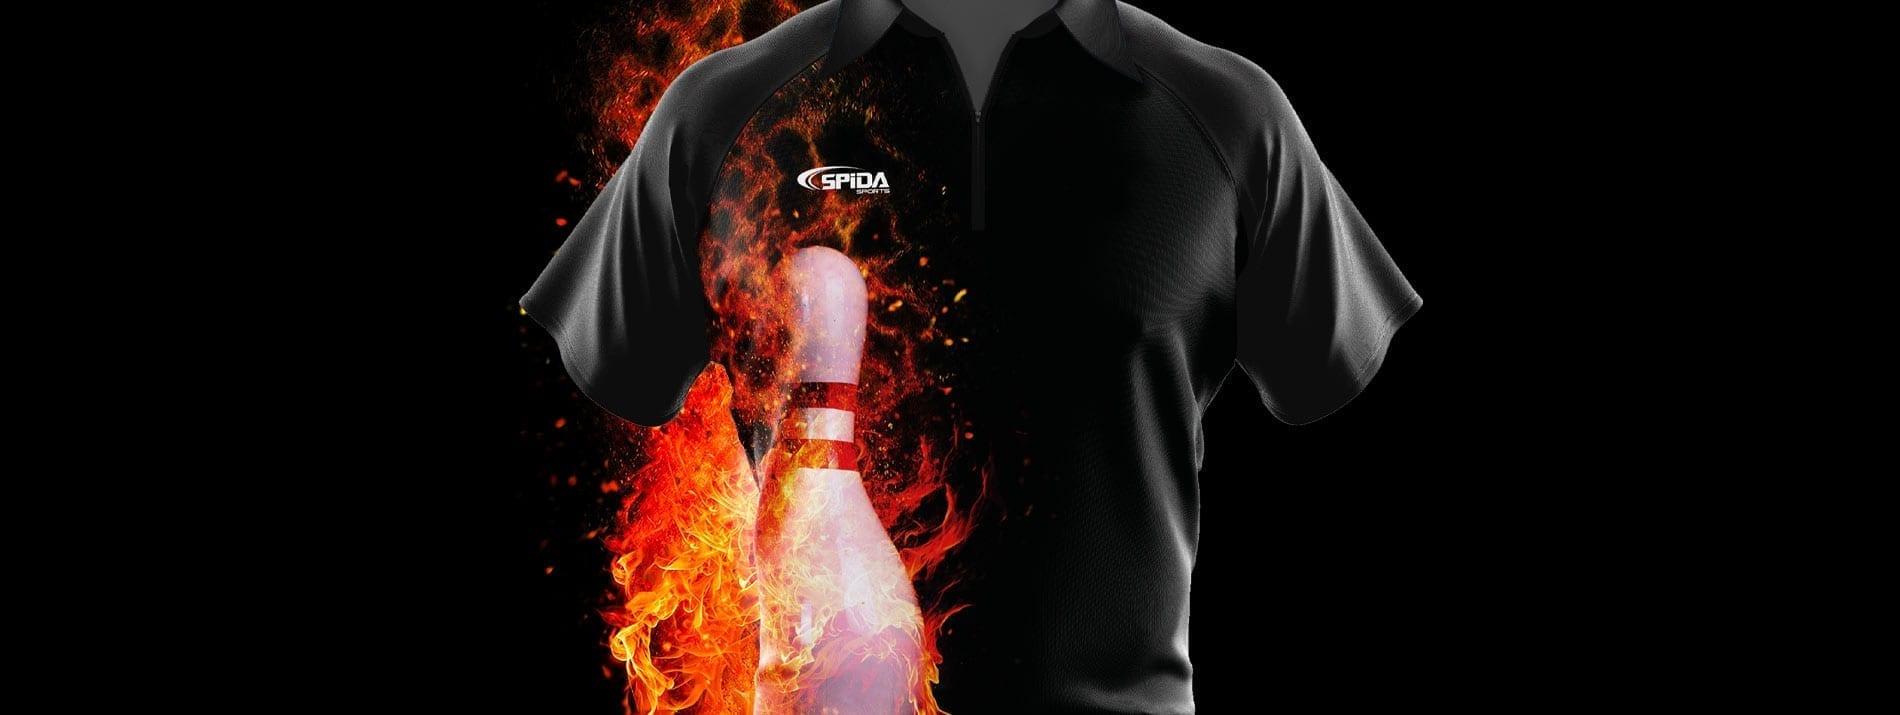 Tenpin-Bowling-shirts-Web-Banner-2020